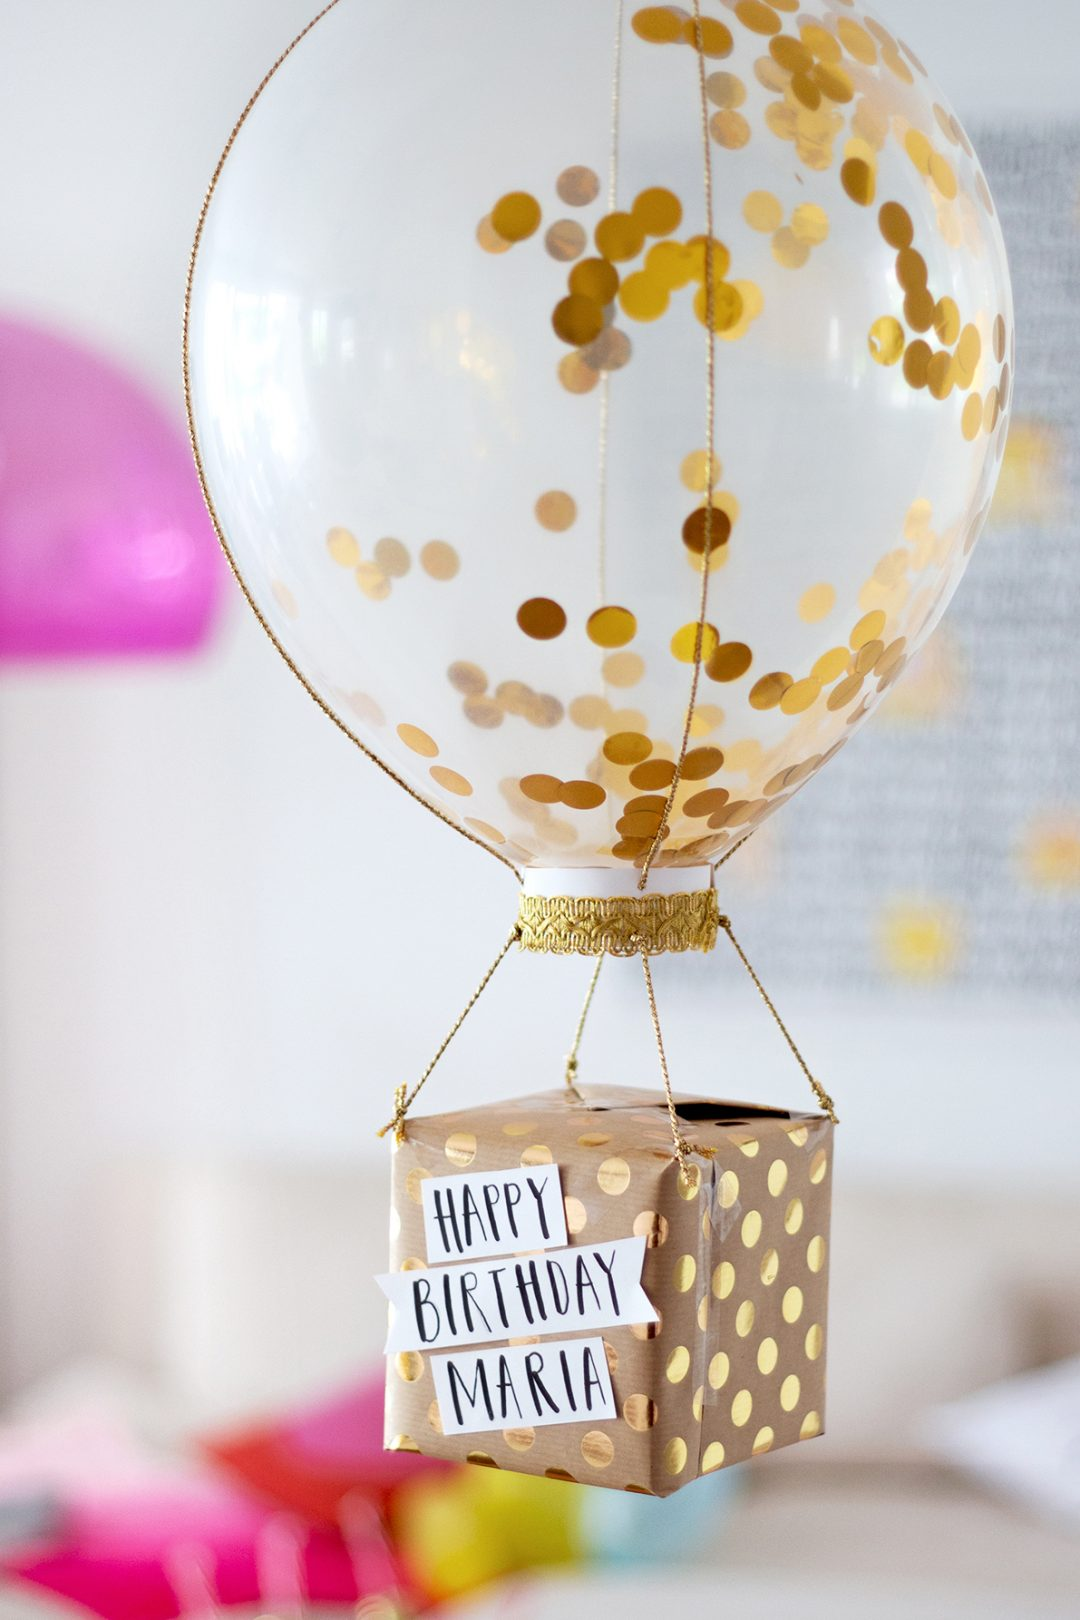 Geburtstagsgeschenke selber machen drei diy ideen - Geschenke zum 18 geburtstag selber machen ...